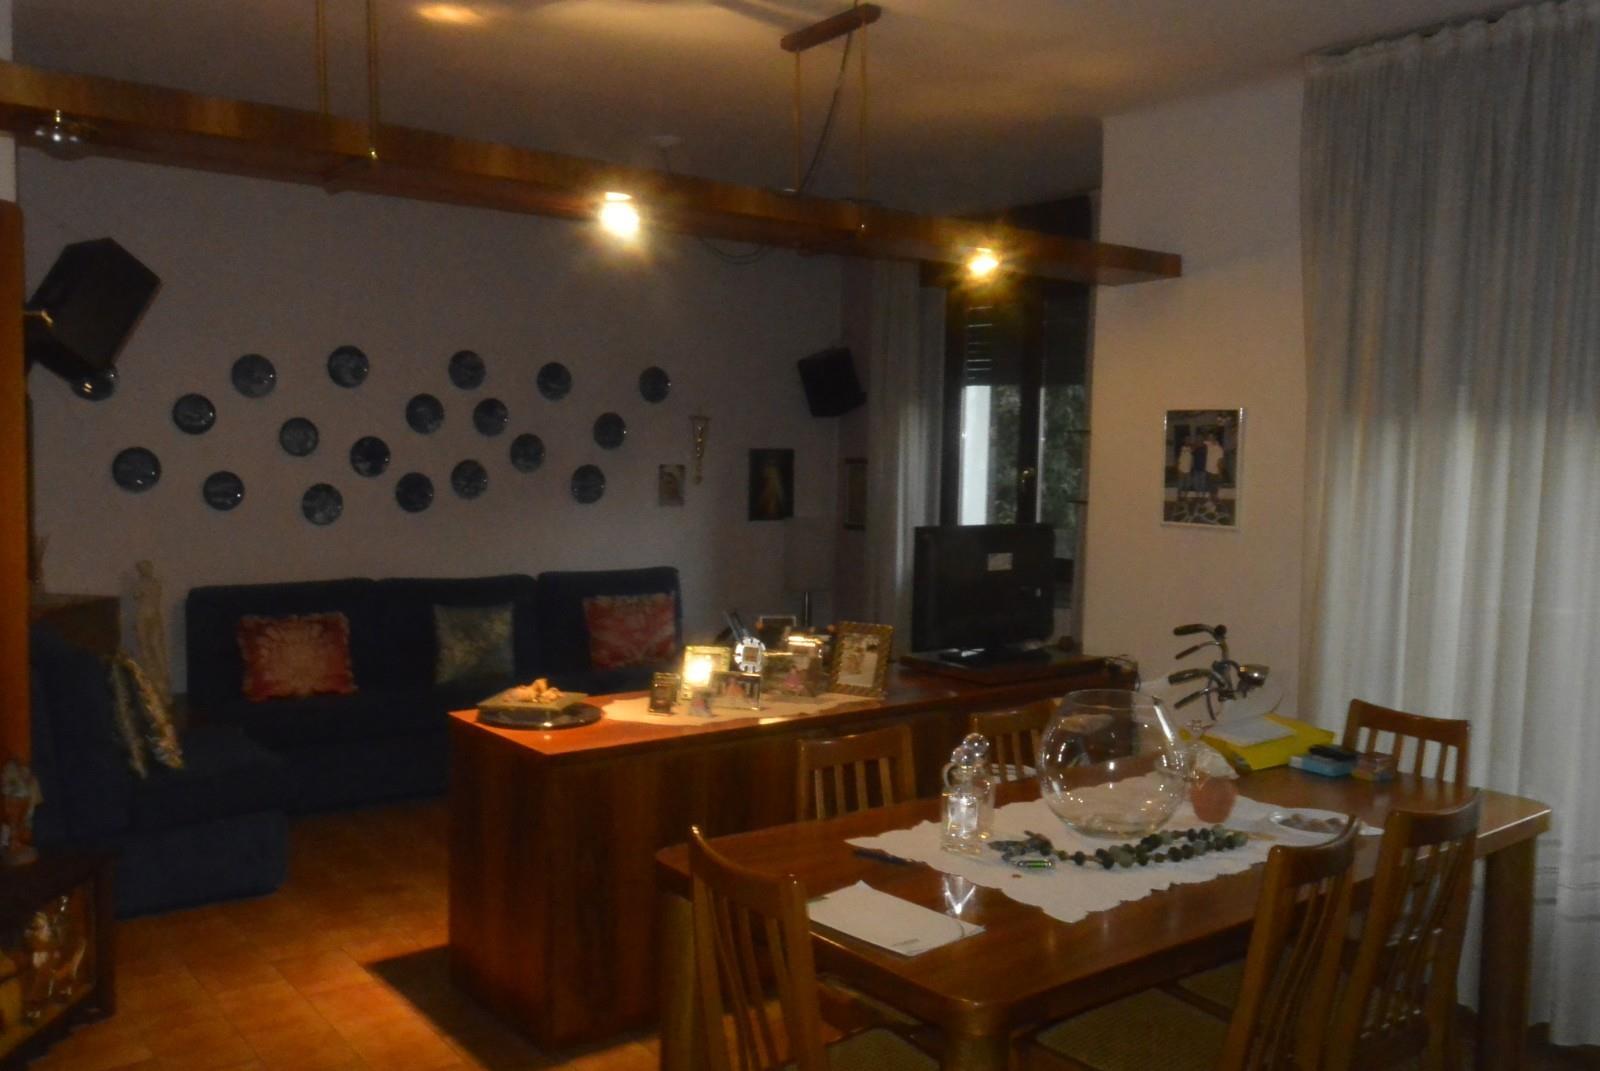 Foto 5 - Appartamento in Vendita - Meda (Monza e Brianza)